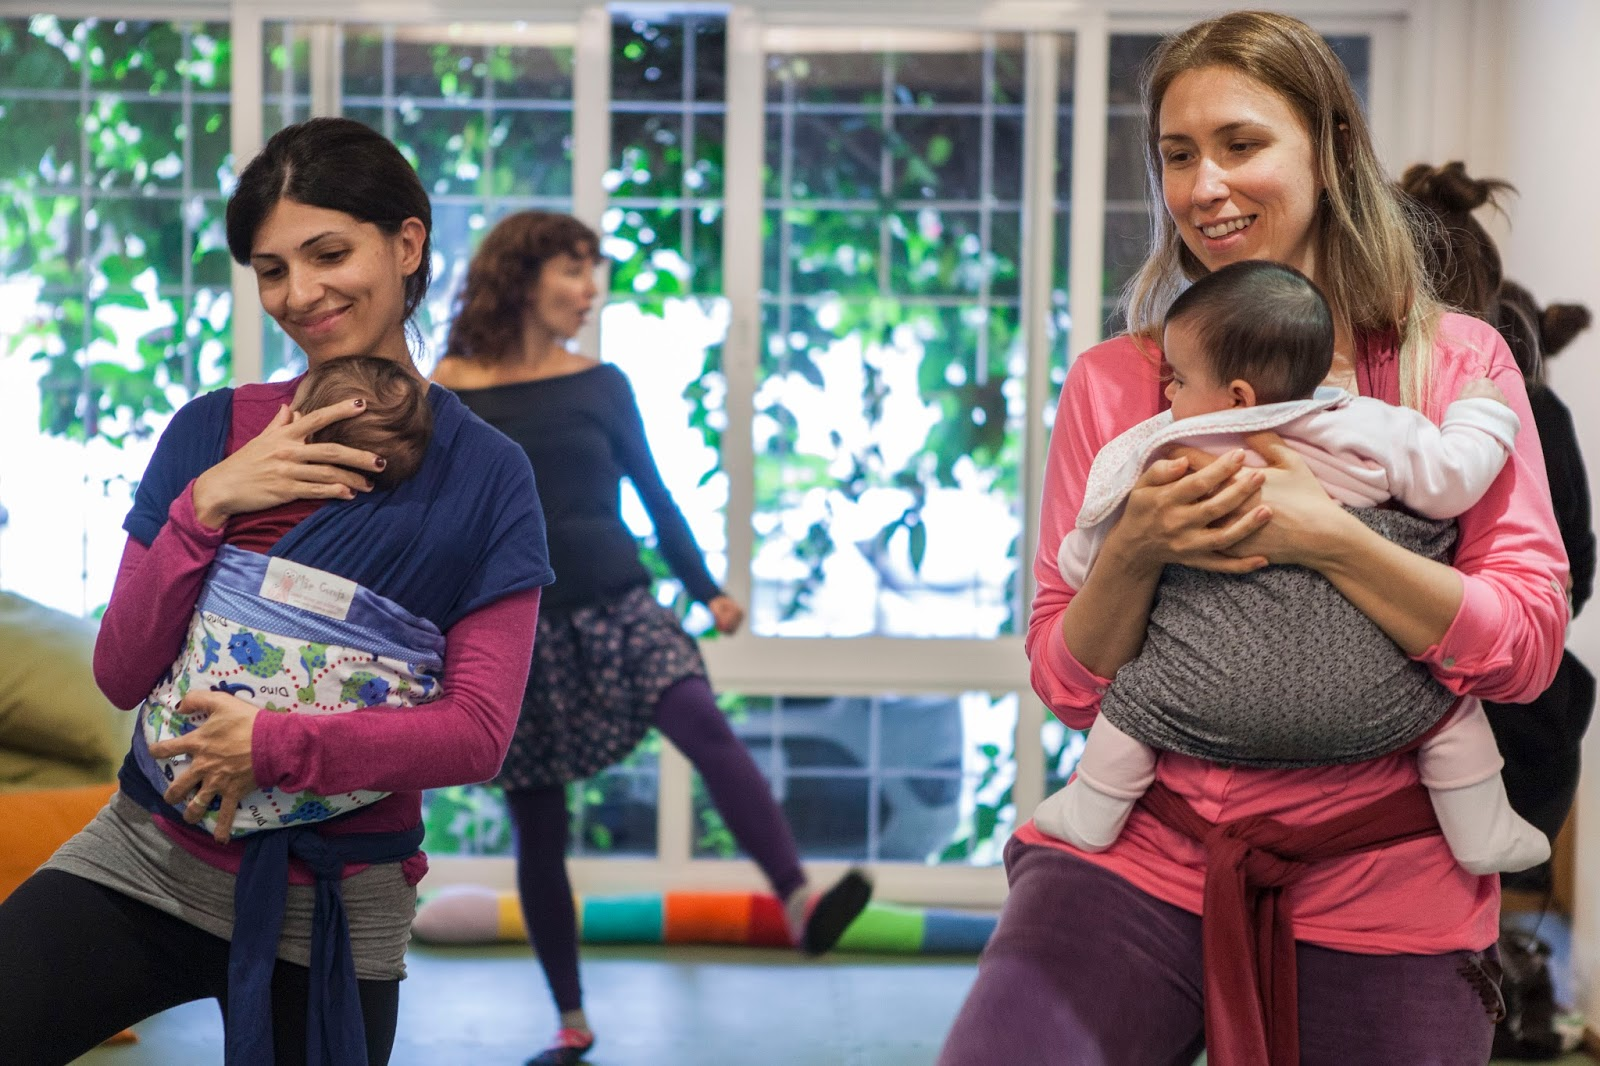 Atividades para bebês: dança materna